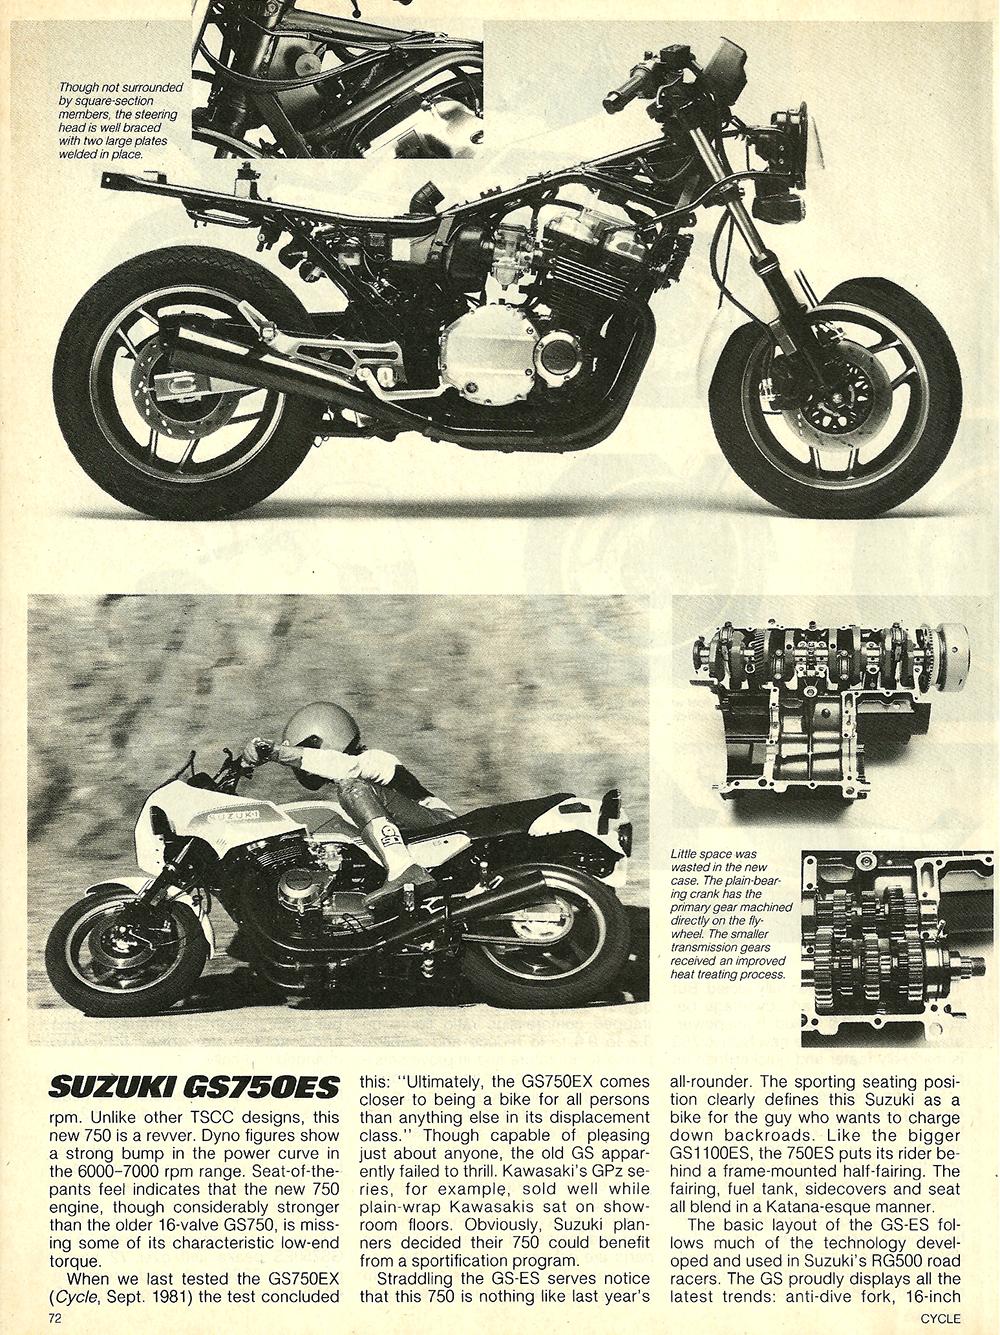 1983 Suzuki GS750ES road test 5.jpg